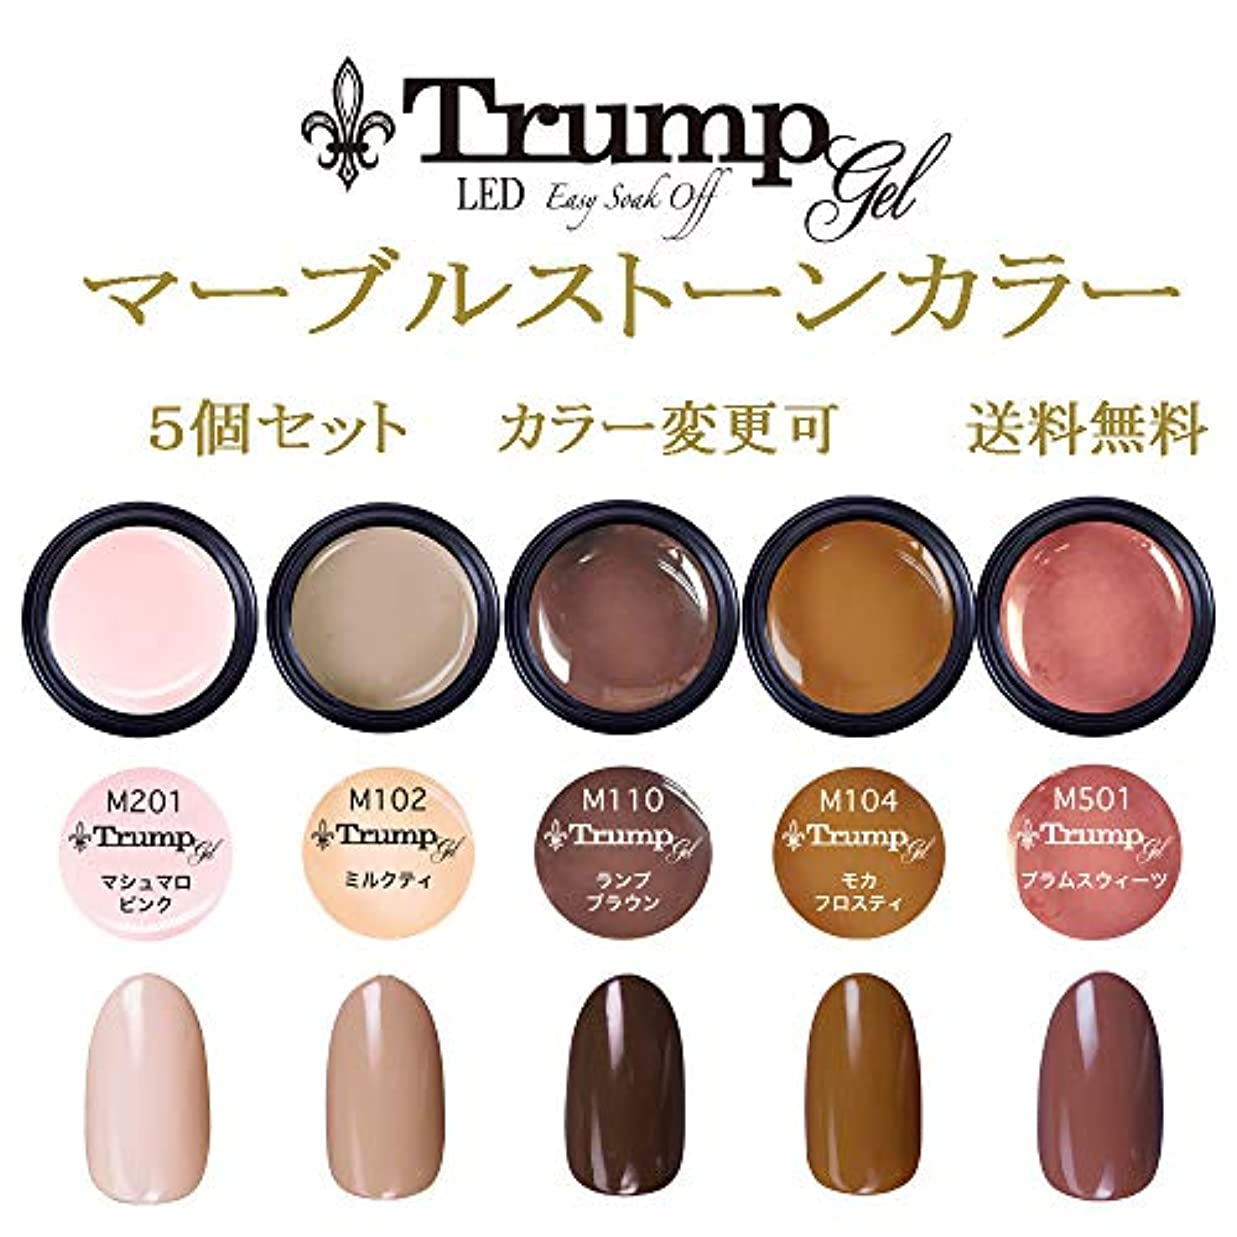 森保持大統領【送料無料】日本製 Trump gel トランプジェル マーブルストーン カラージェル 5個セット 人気の大理石ネイルカラーをチョイス